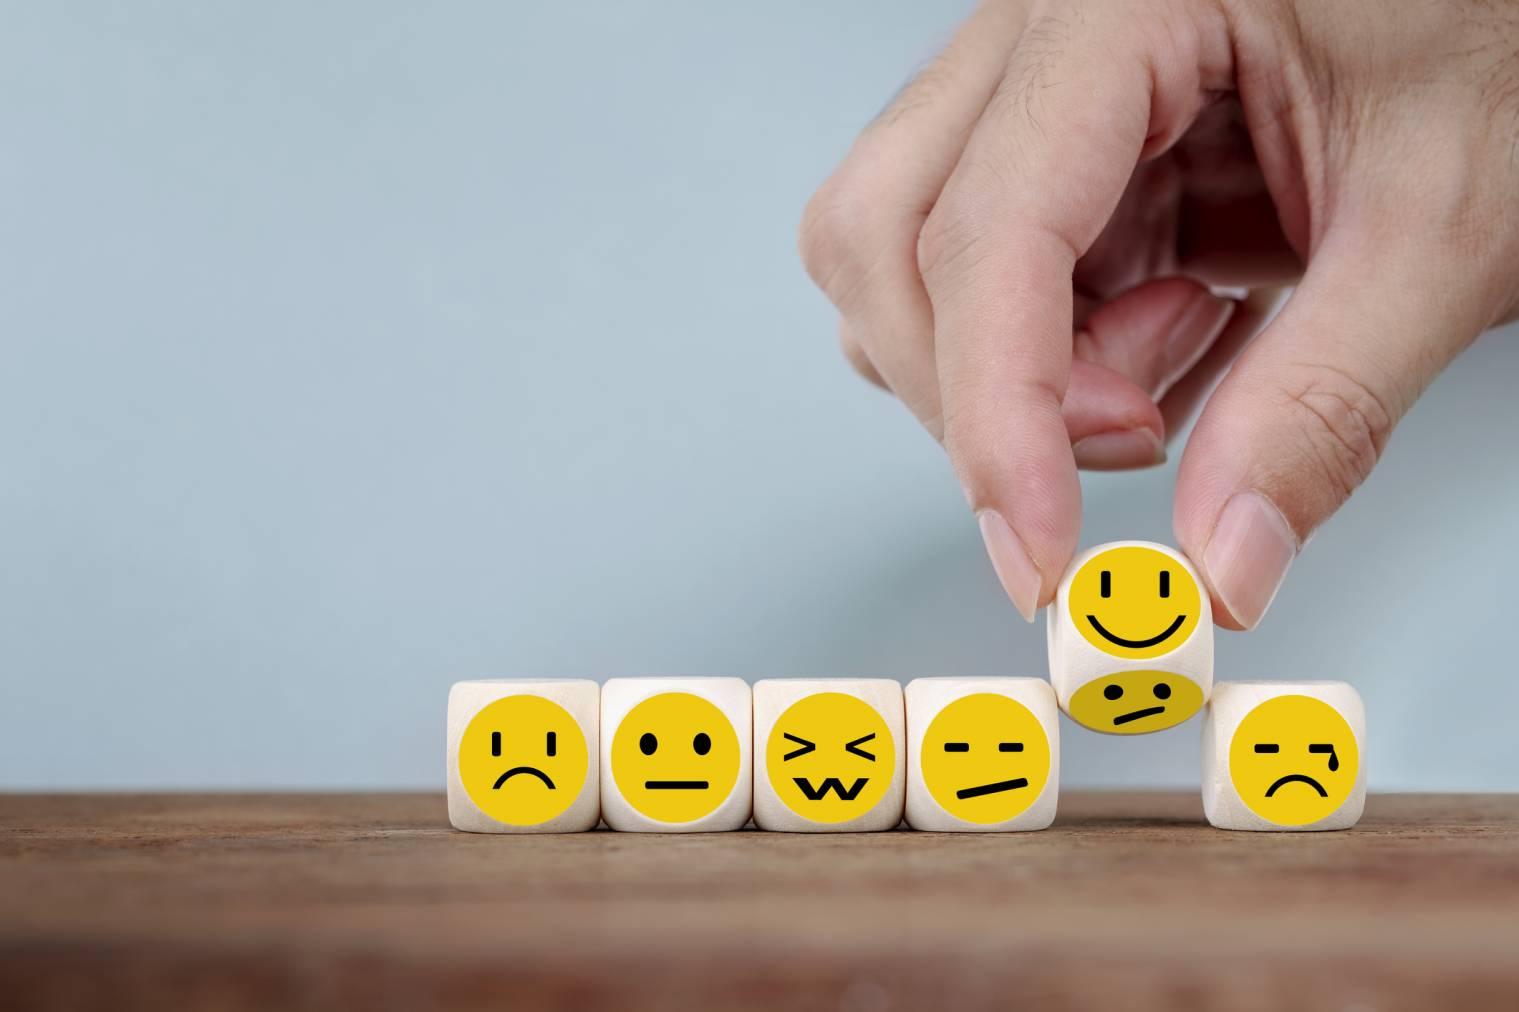 La grande liste des emojis et smileys à copier/coller